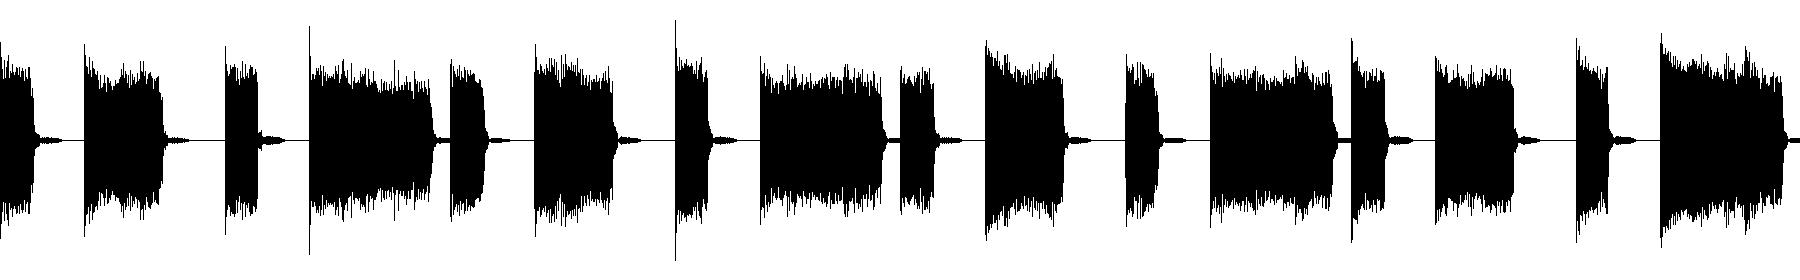 dts chordlp 03b g dry